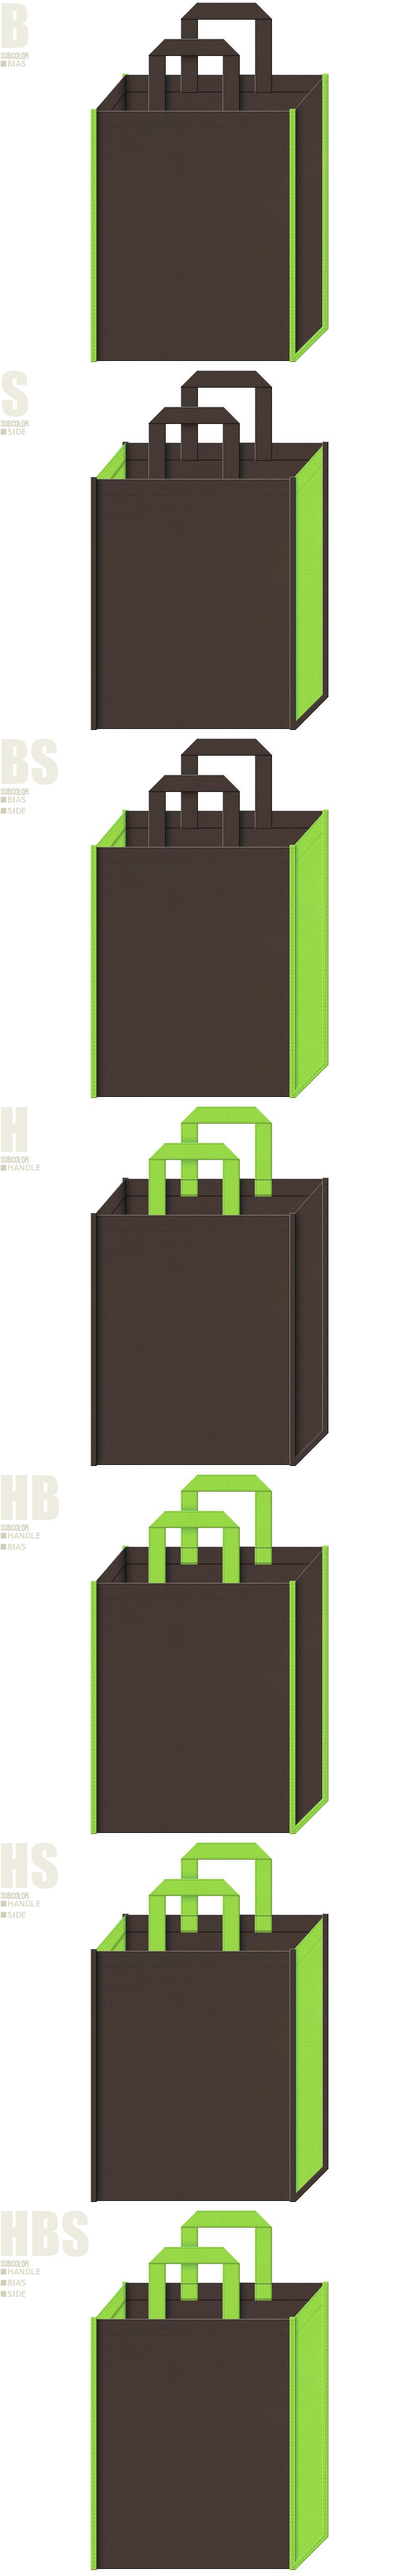 ガーデニング用品・屋上緑化・壁面緑化の展示会用バッグにお奨めの不織布バッグデザイン:こげ茶色と黄緑色の不織布バッグ配色7パターン。